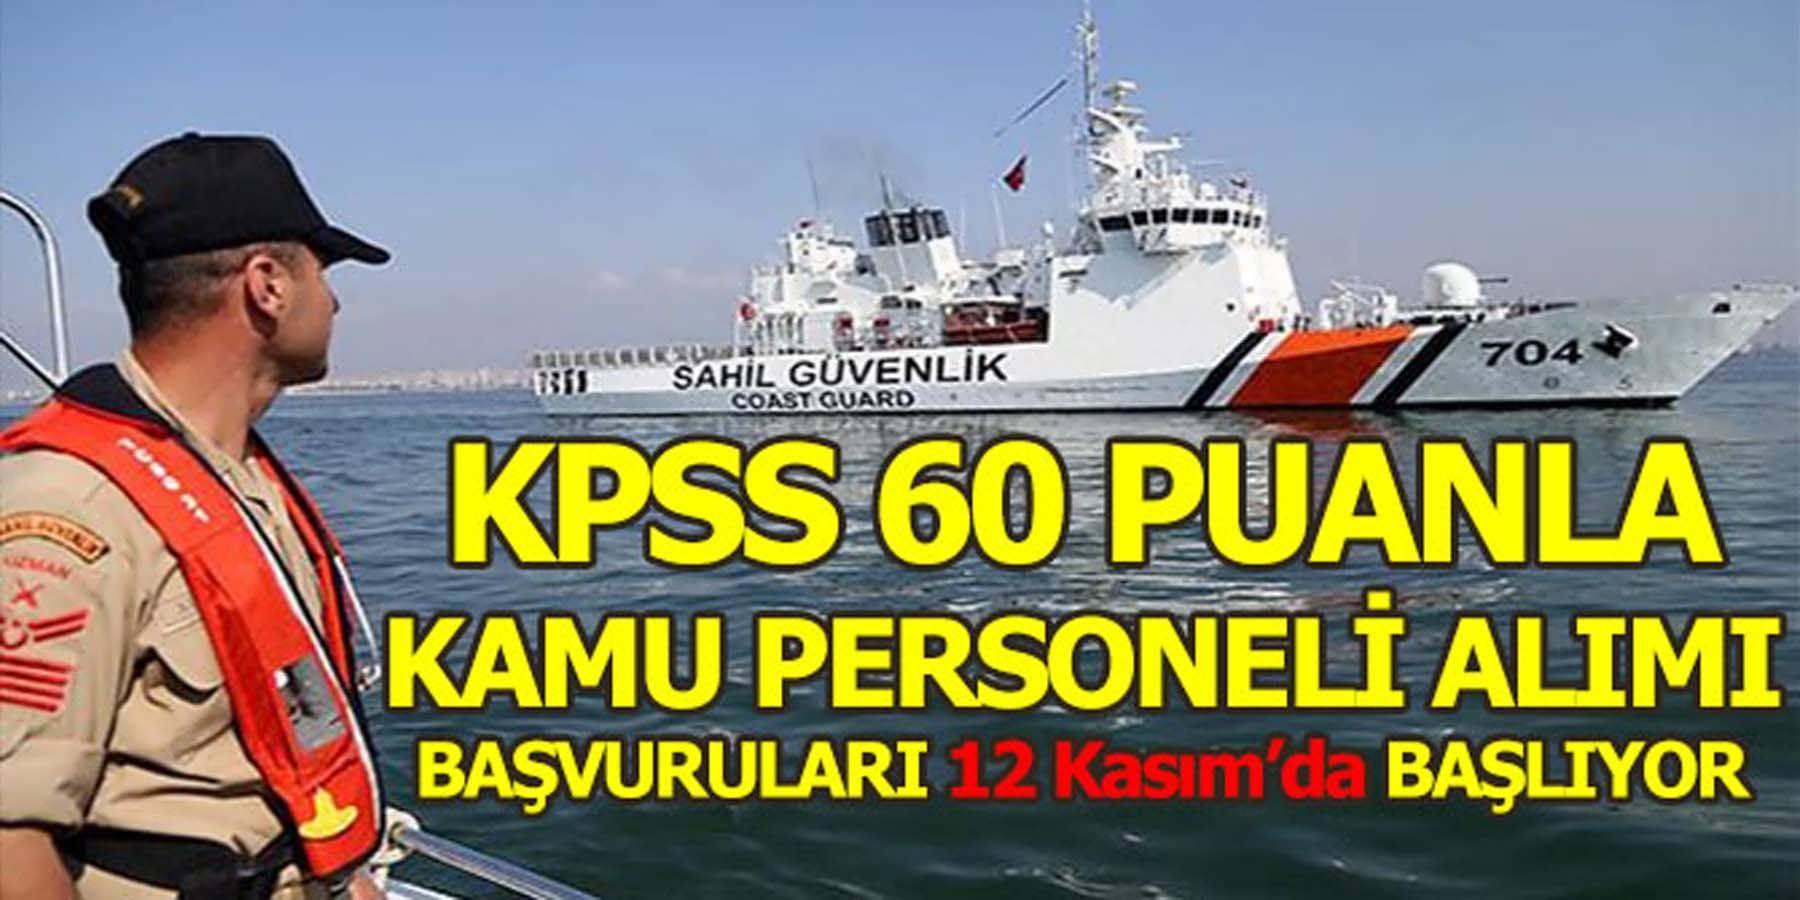 KPSS 60 Puanla Sahil Güvenlik Komutanlığı Kamu Personeli Alımı Başvuruları Başlıyor